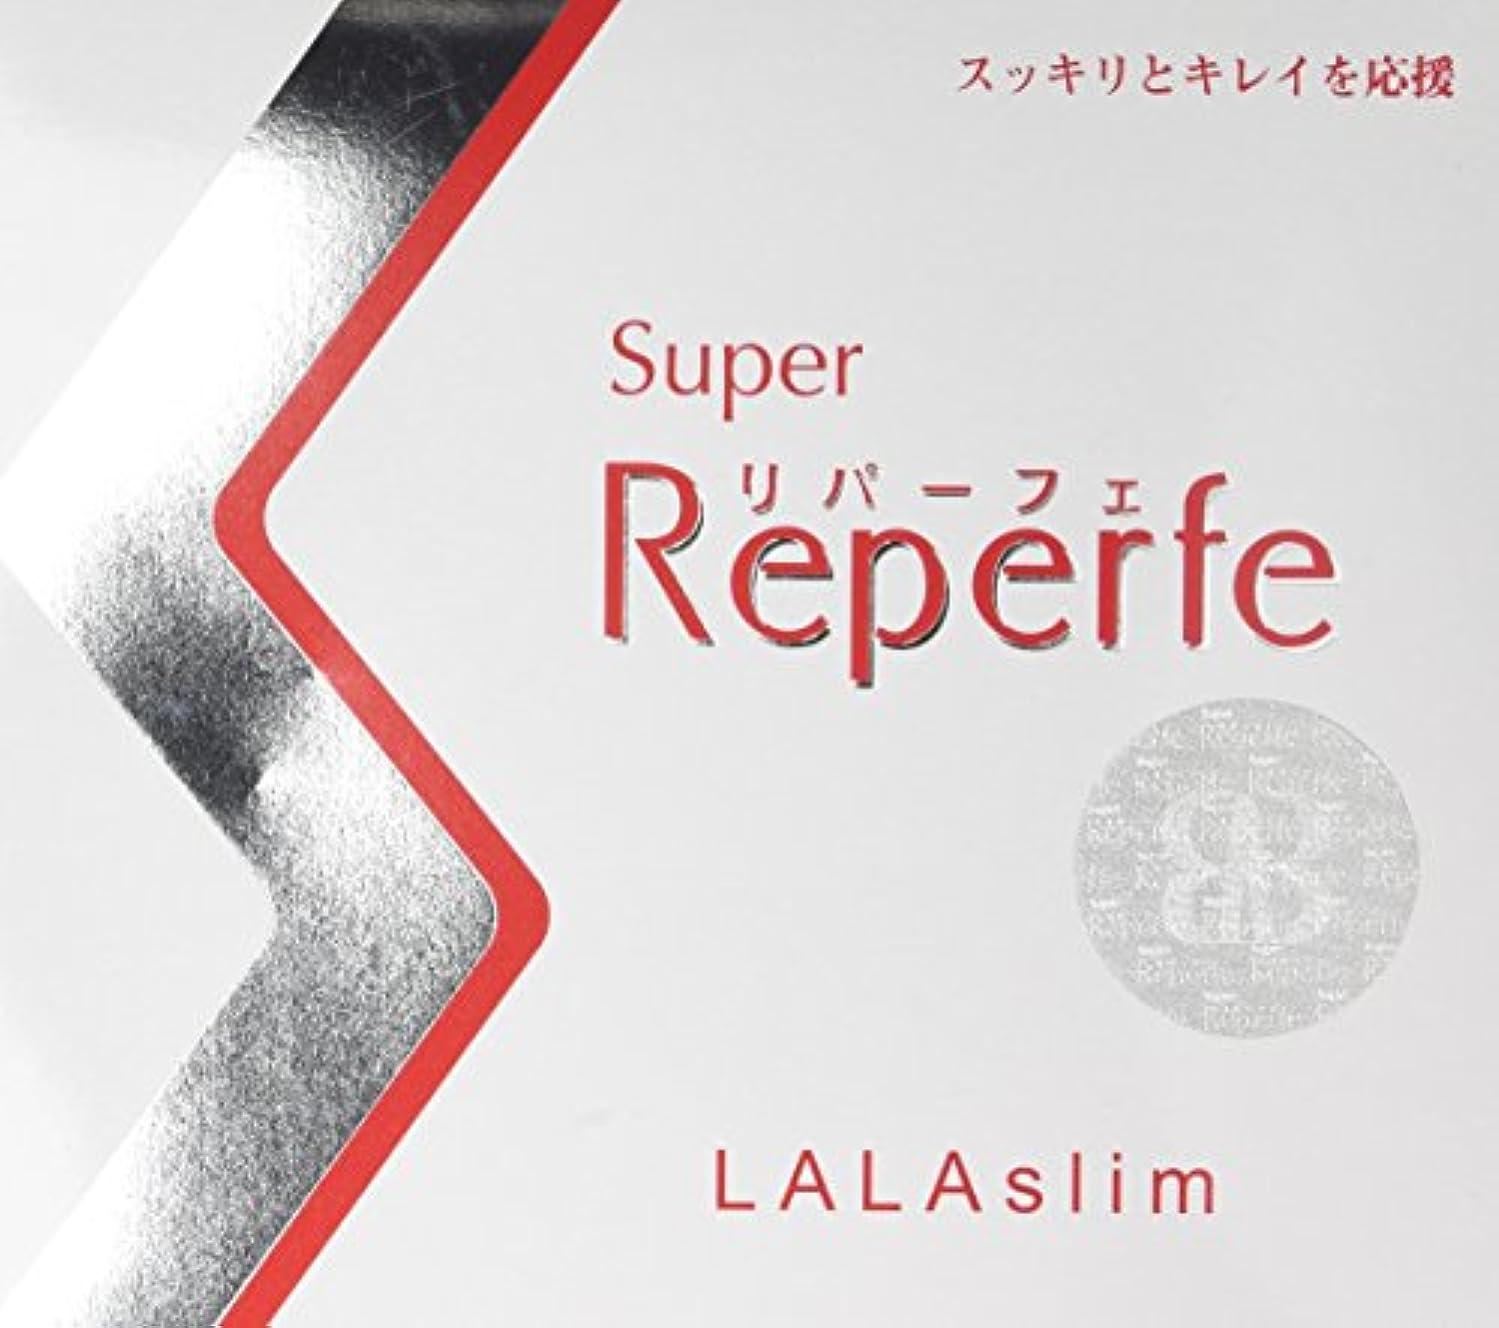 利点同等の応じるスーパーリパーフェ ララスリム 錠剤タイプ